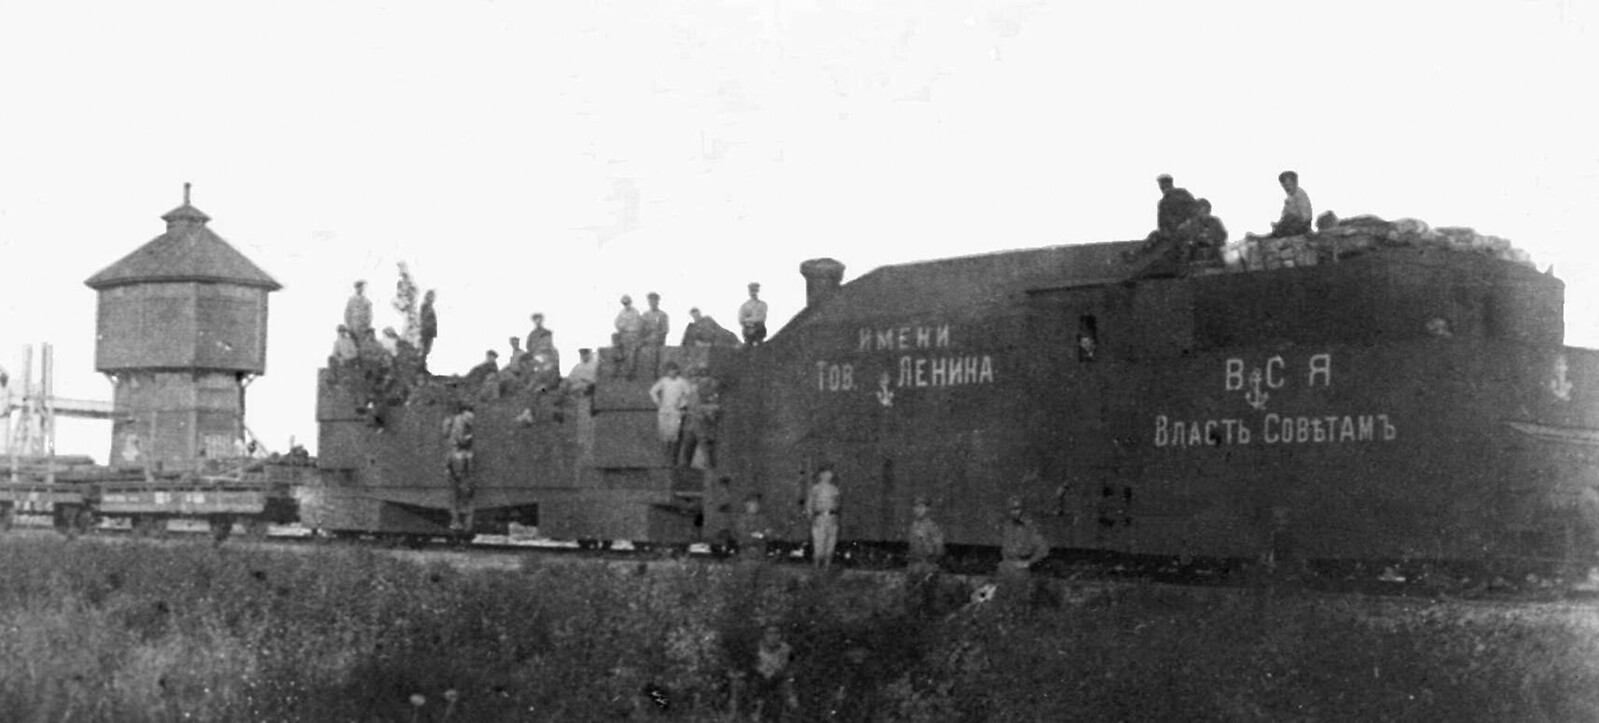 04. Станция Всполье.  Бронепоезд «Победа или смерть», которым командовал матрос Ремезюк.